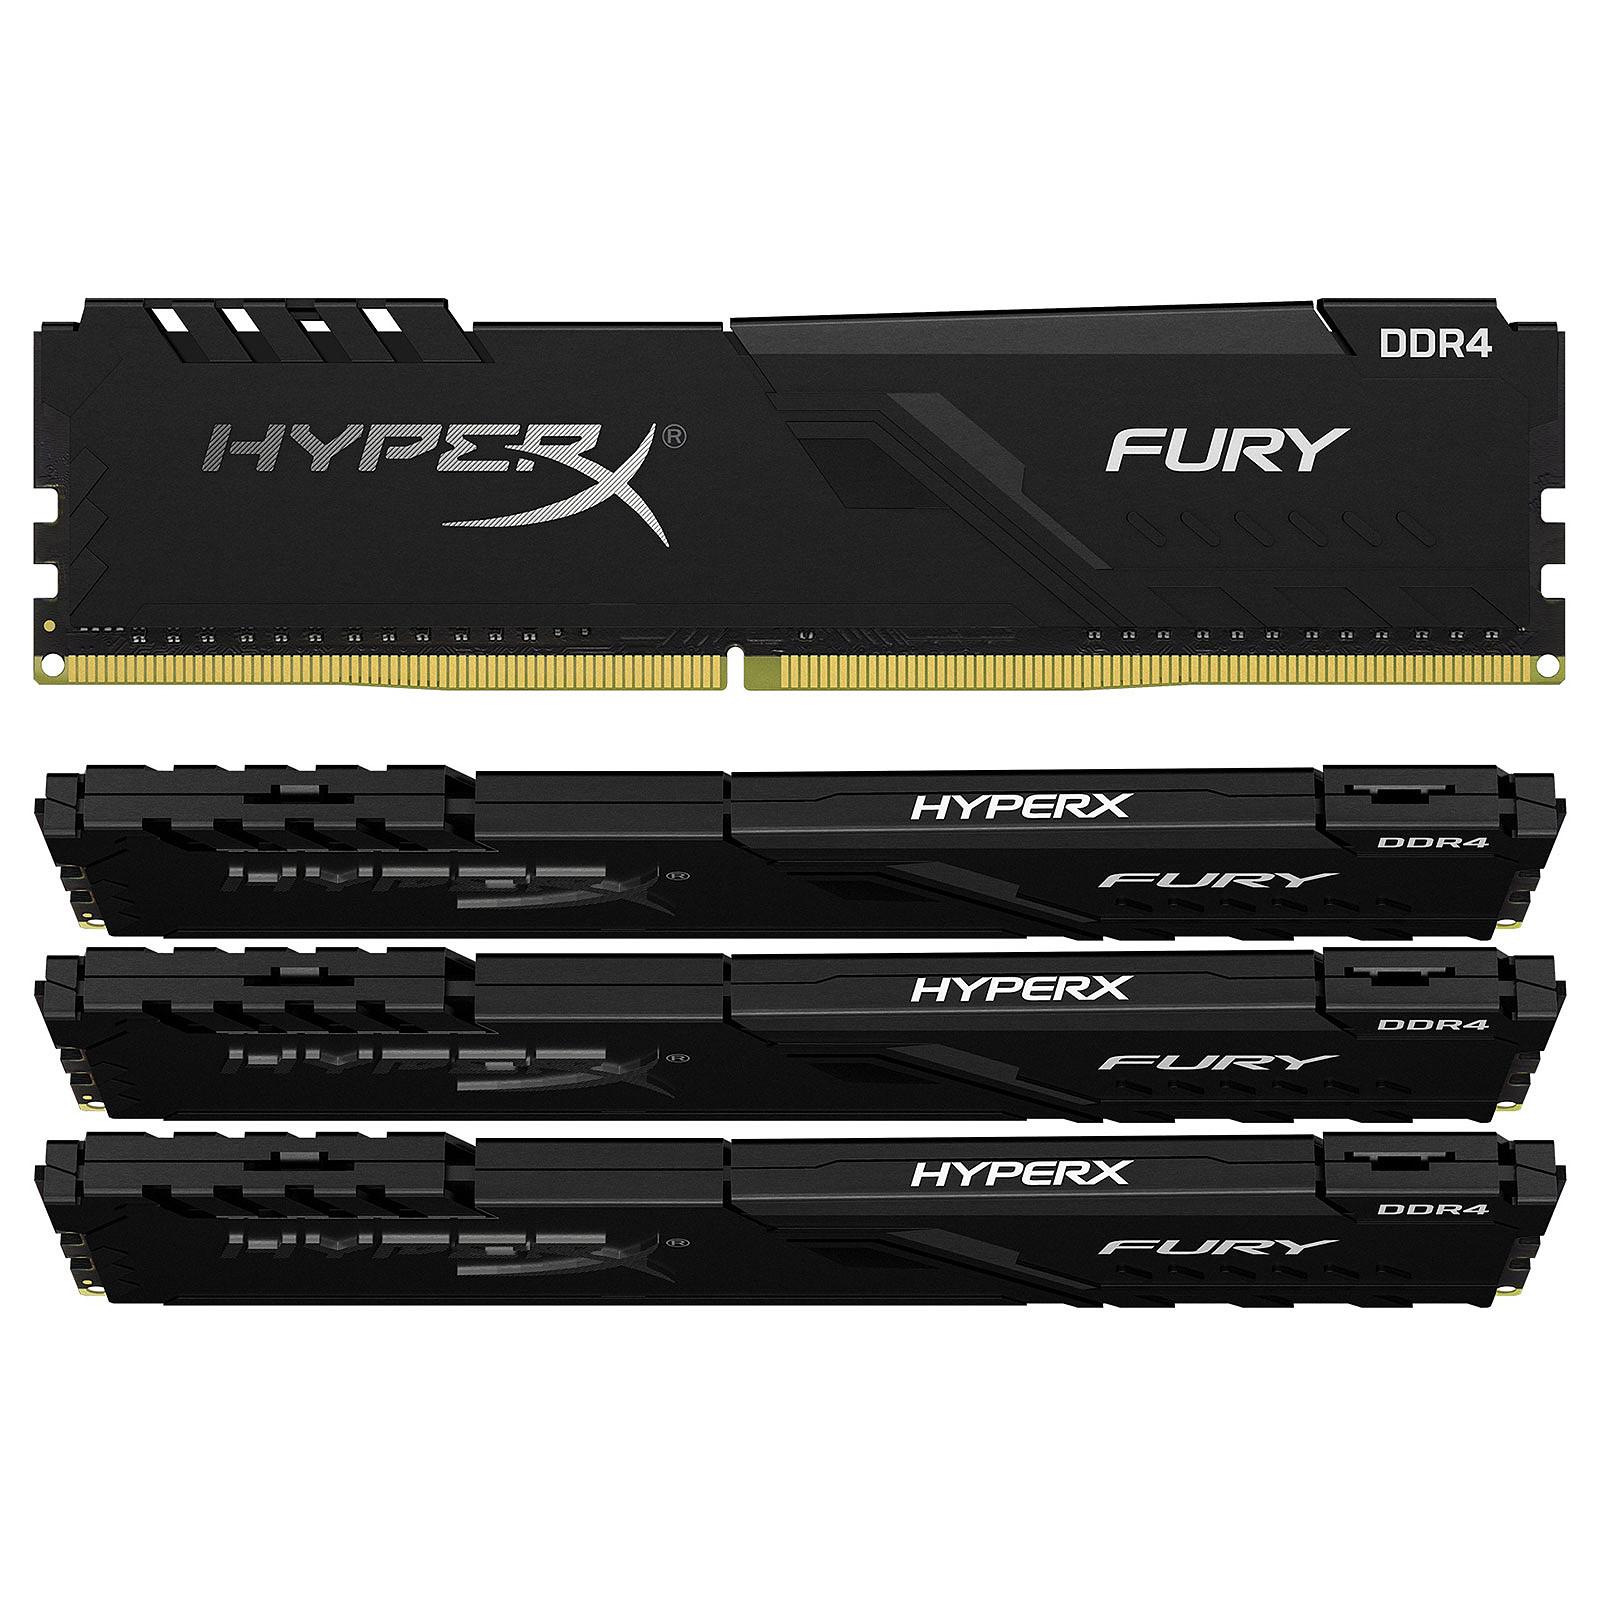 HyperX Fury 64 Go (4 x 16 Go) DDR4 3200 MHz CL16